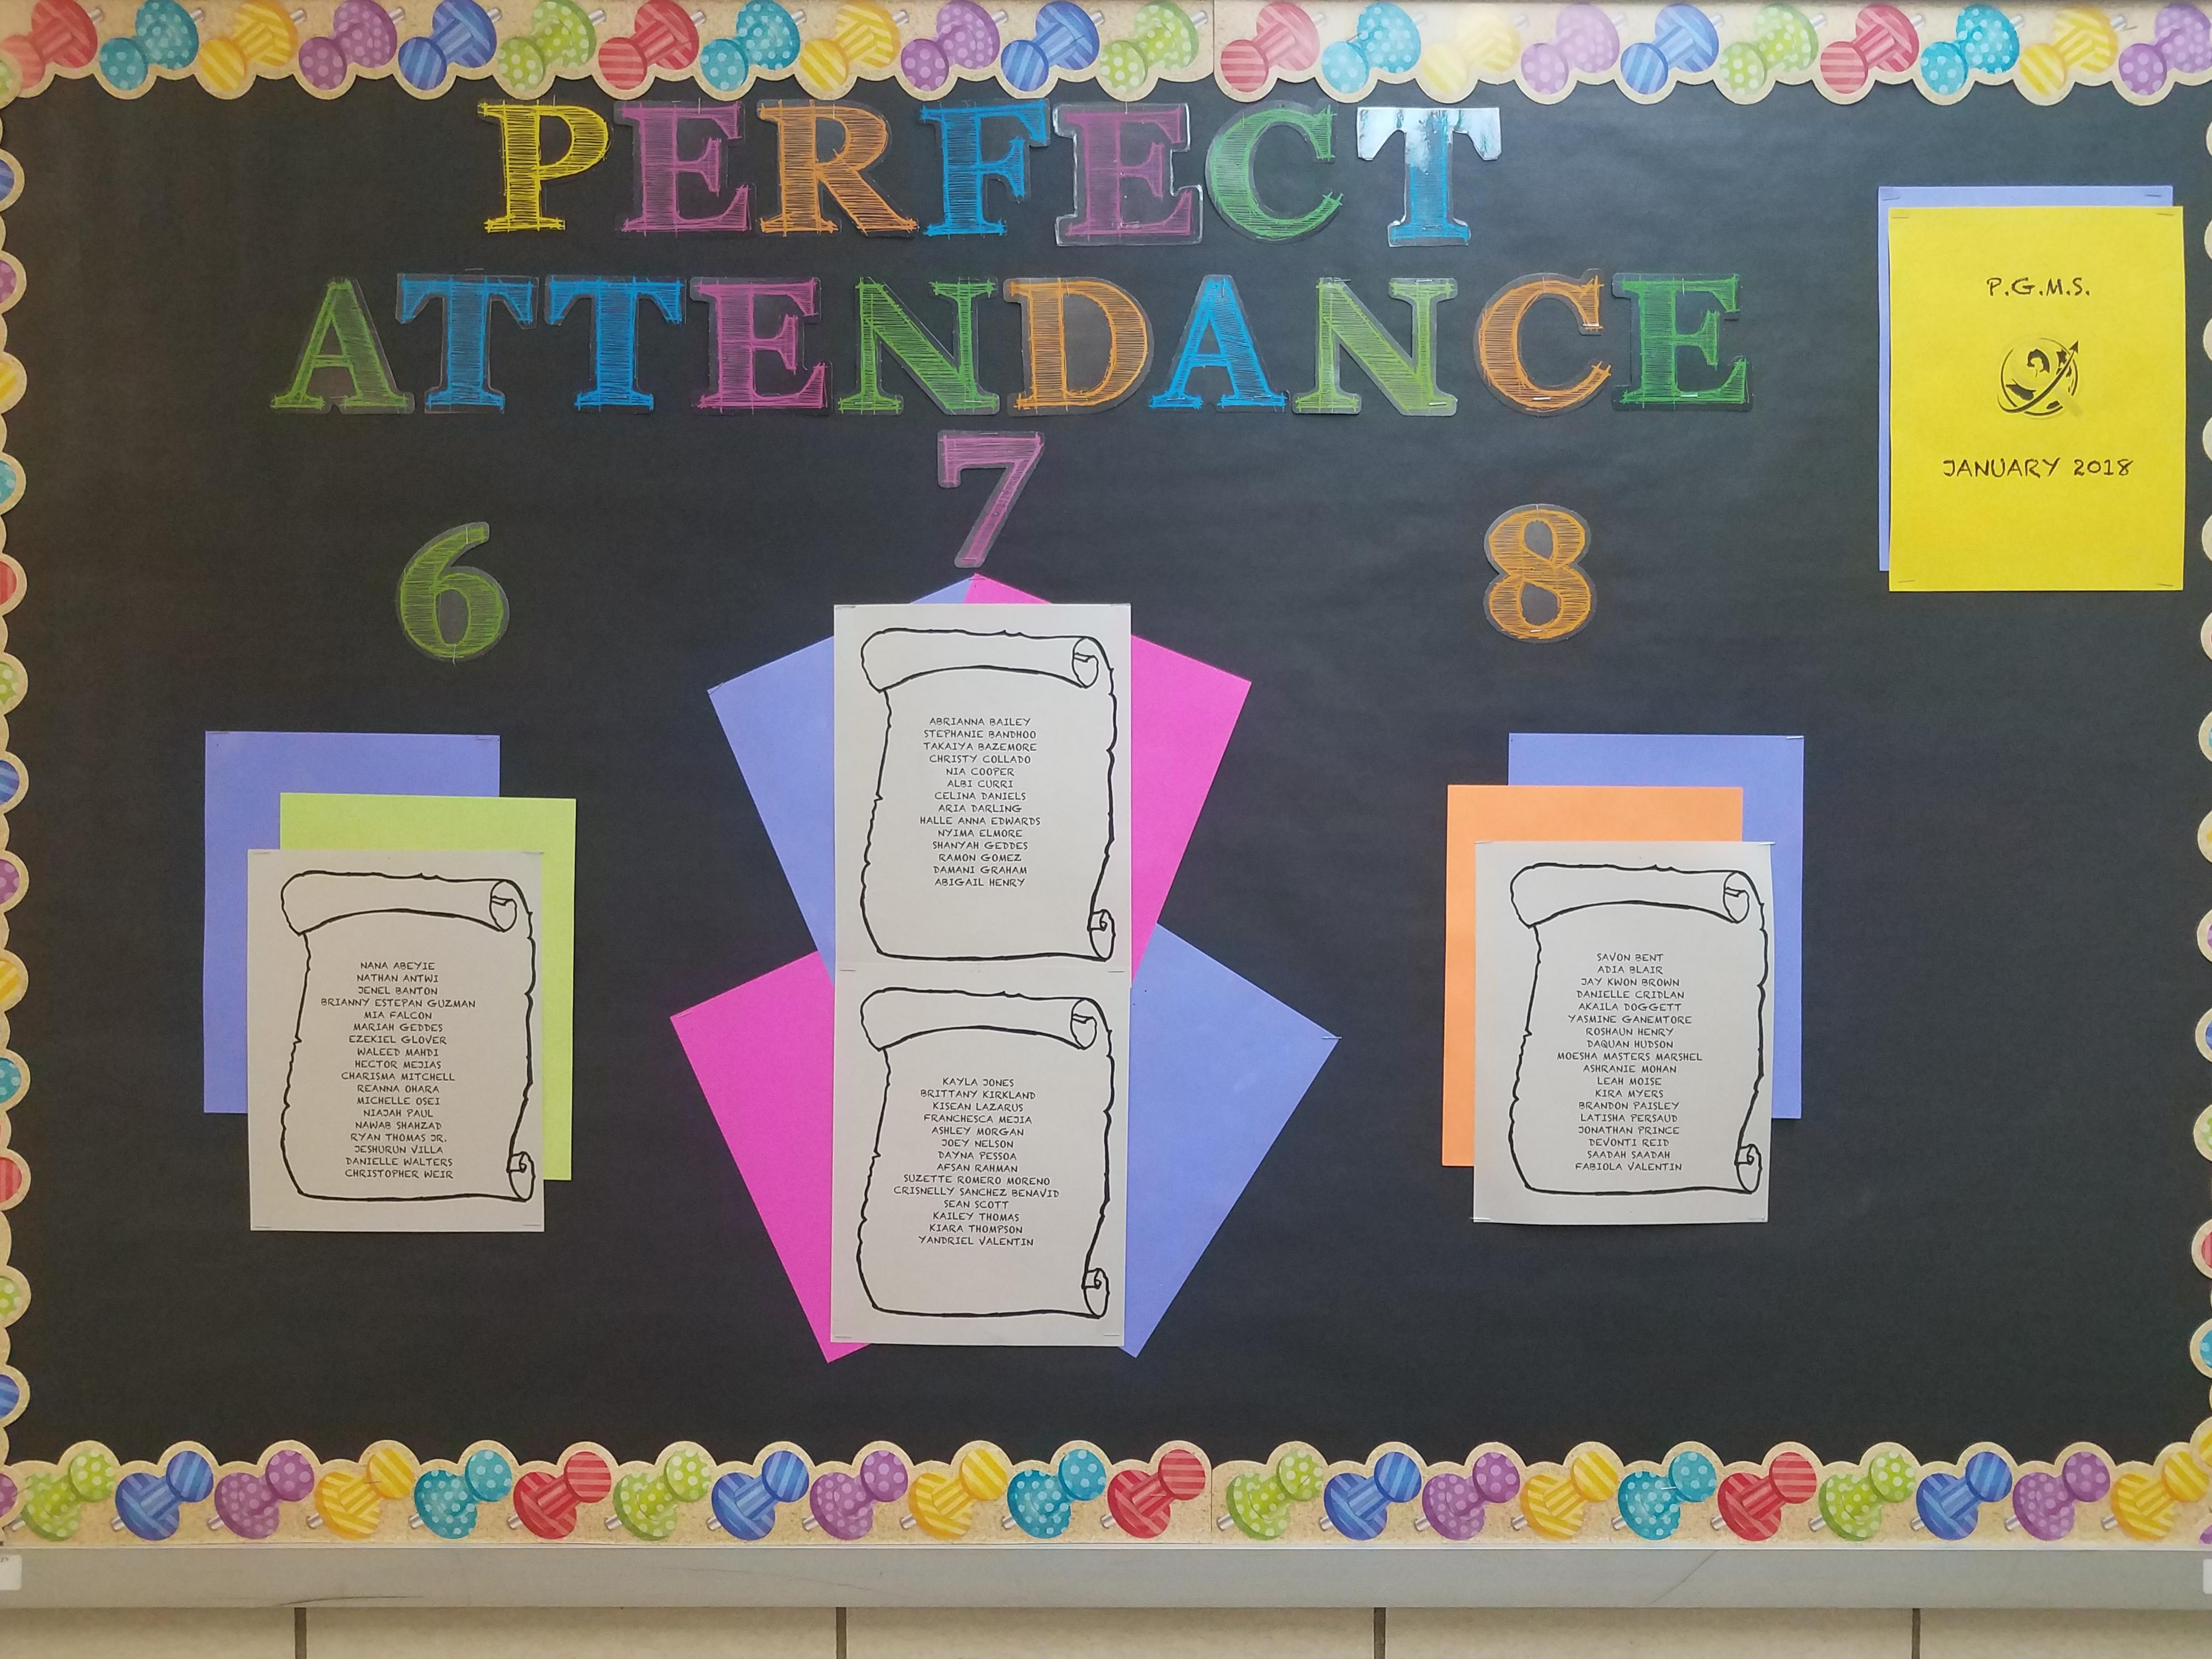 Perfect Attendance - Pelham Gardens Middle School